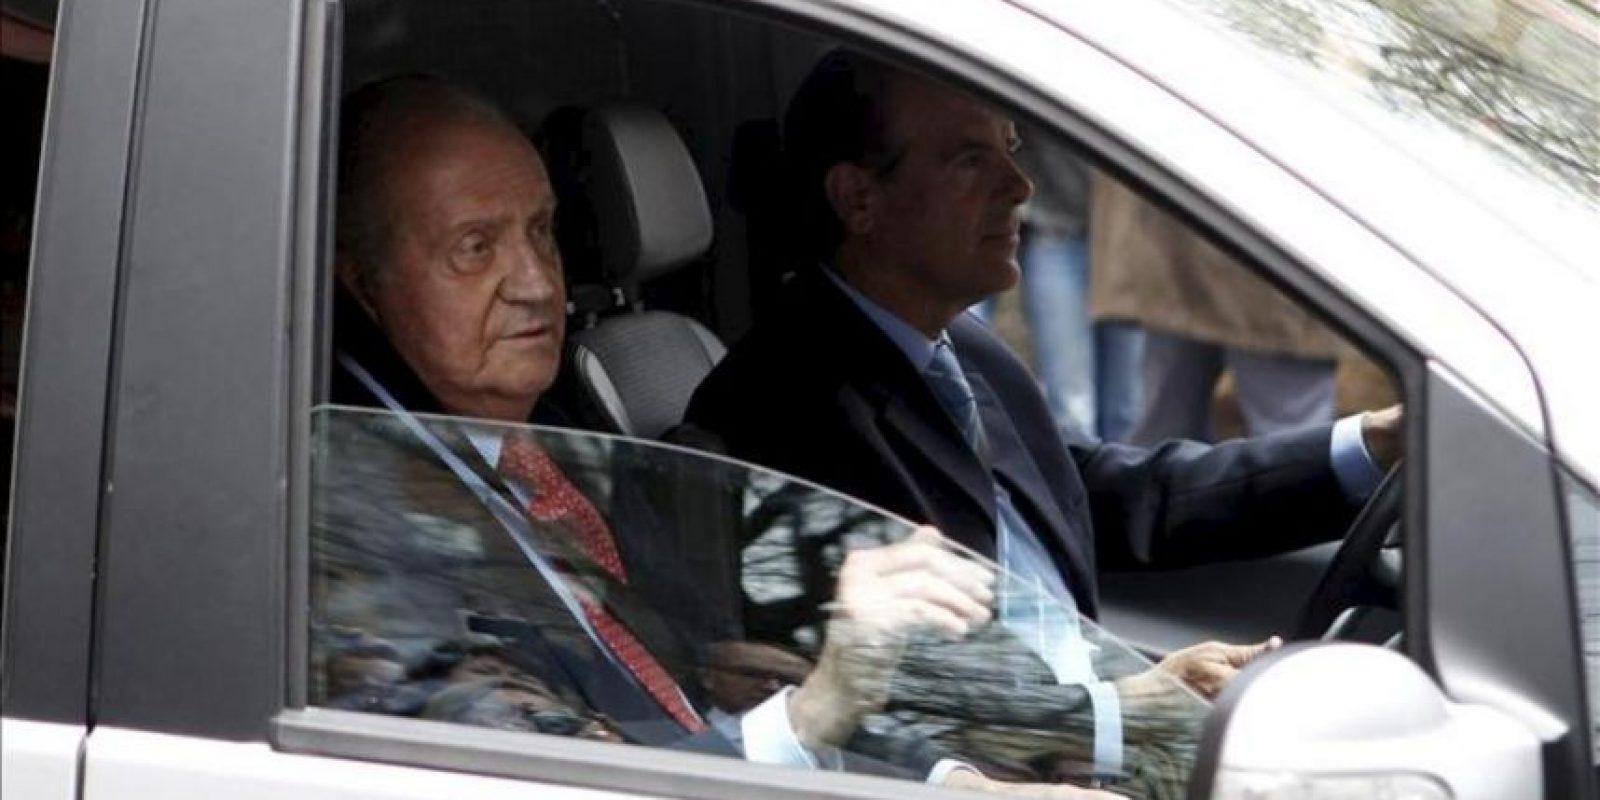 El rey Juan Carlos, saluda desde su coche a su salida hoy del Hospital USP San José de Madrid tras recibir el alta después de recuperarse de la intervención quirúrgica a la que fue sometido por fracturarse la cadera a consecuencia de una caída en Botsuana, cuando se encontraba en una cacería de elefantes. EFE